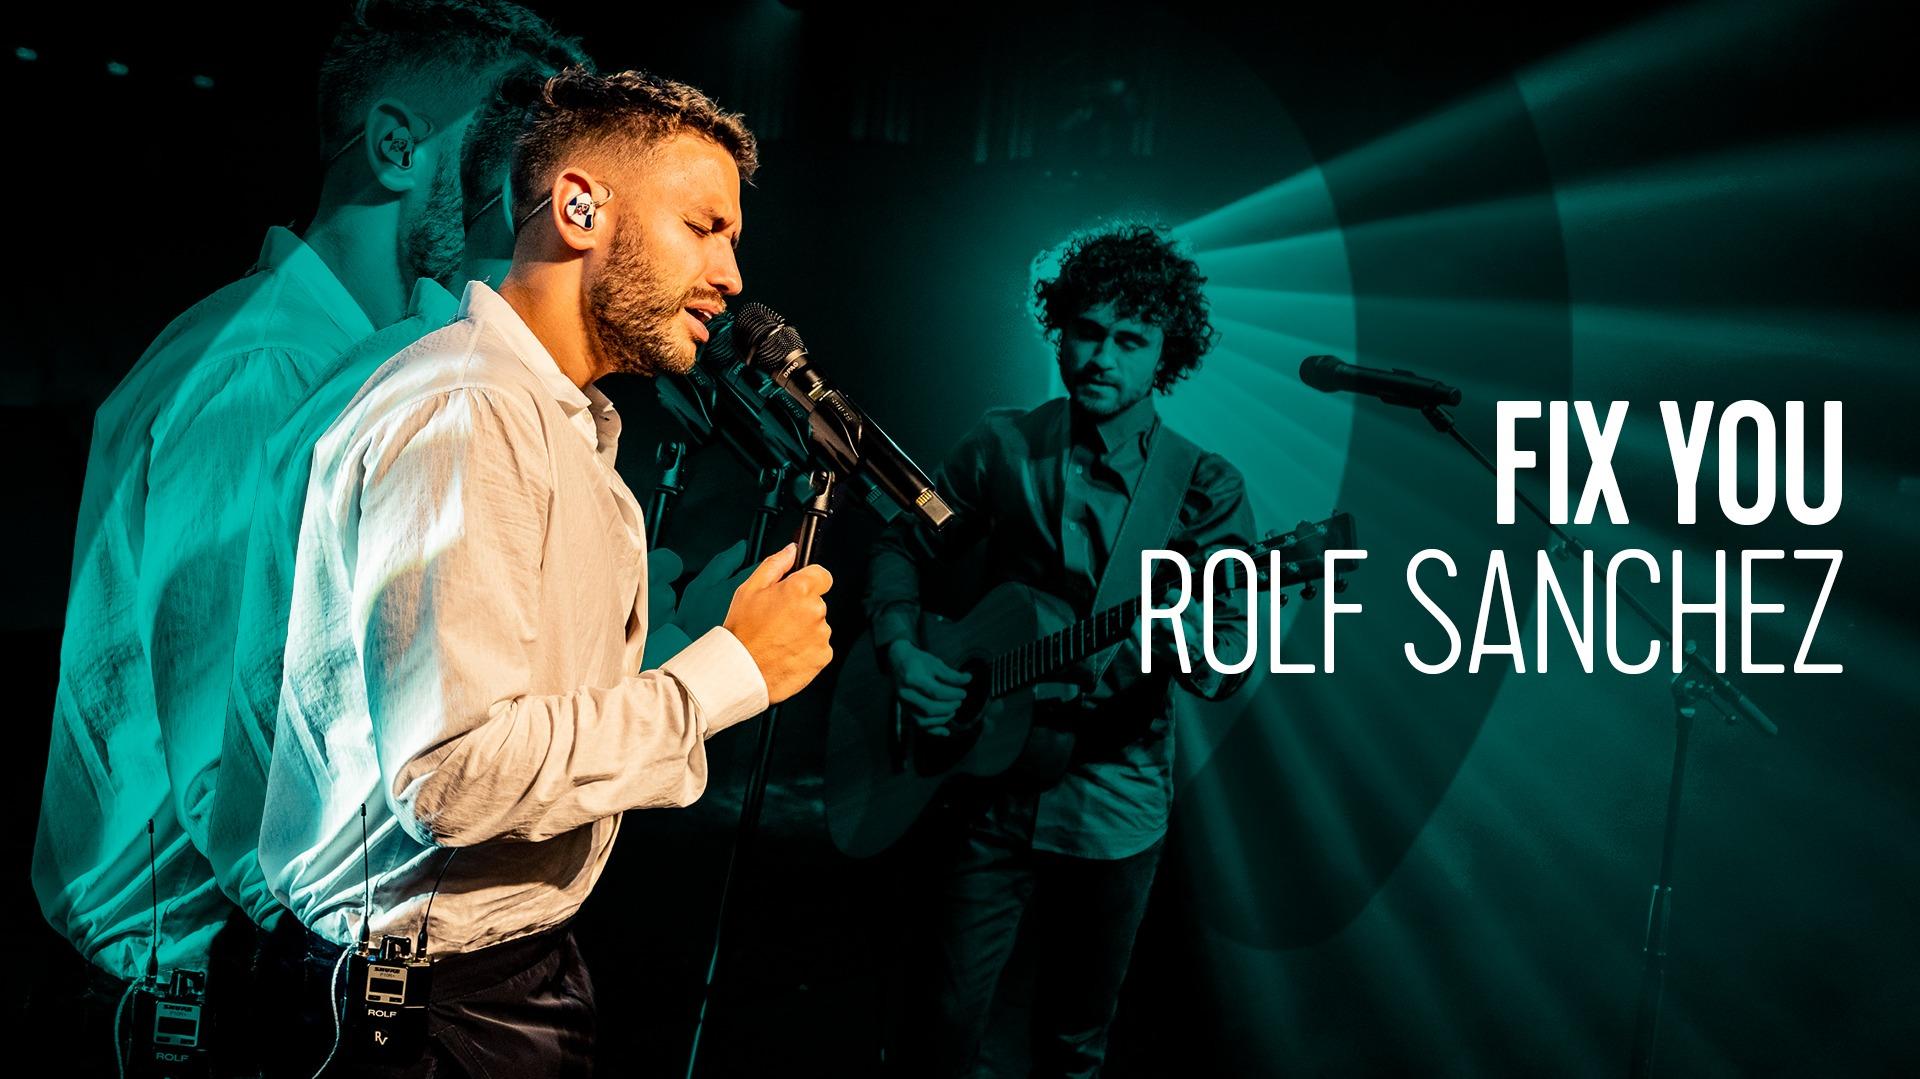 Rolf sanchez   fix you  thumb